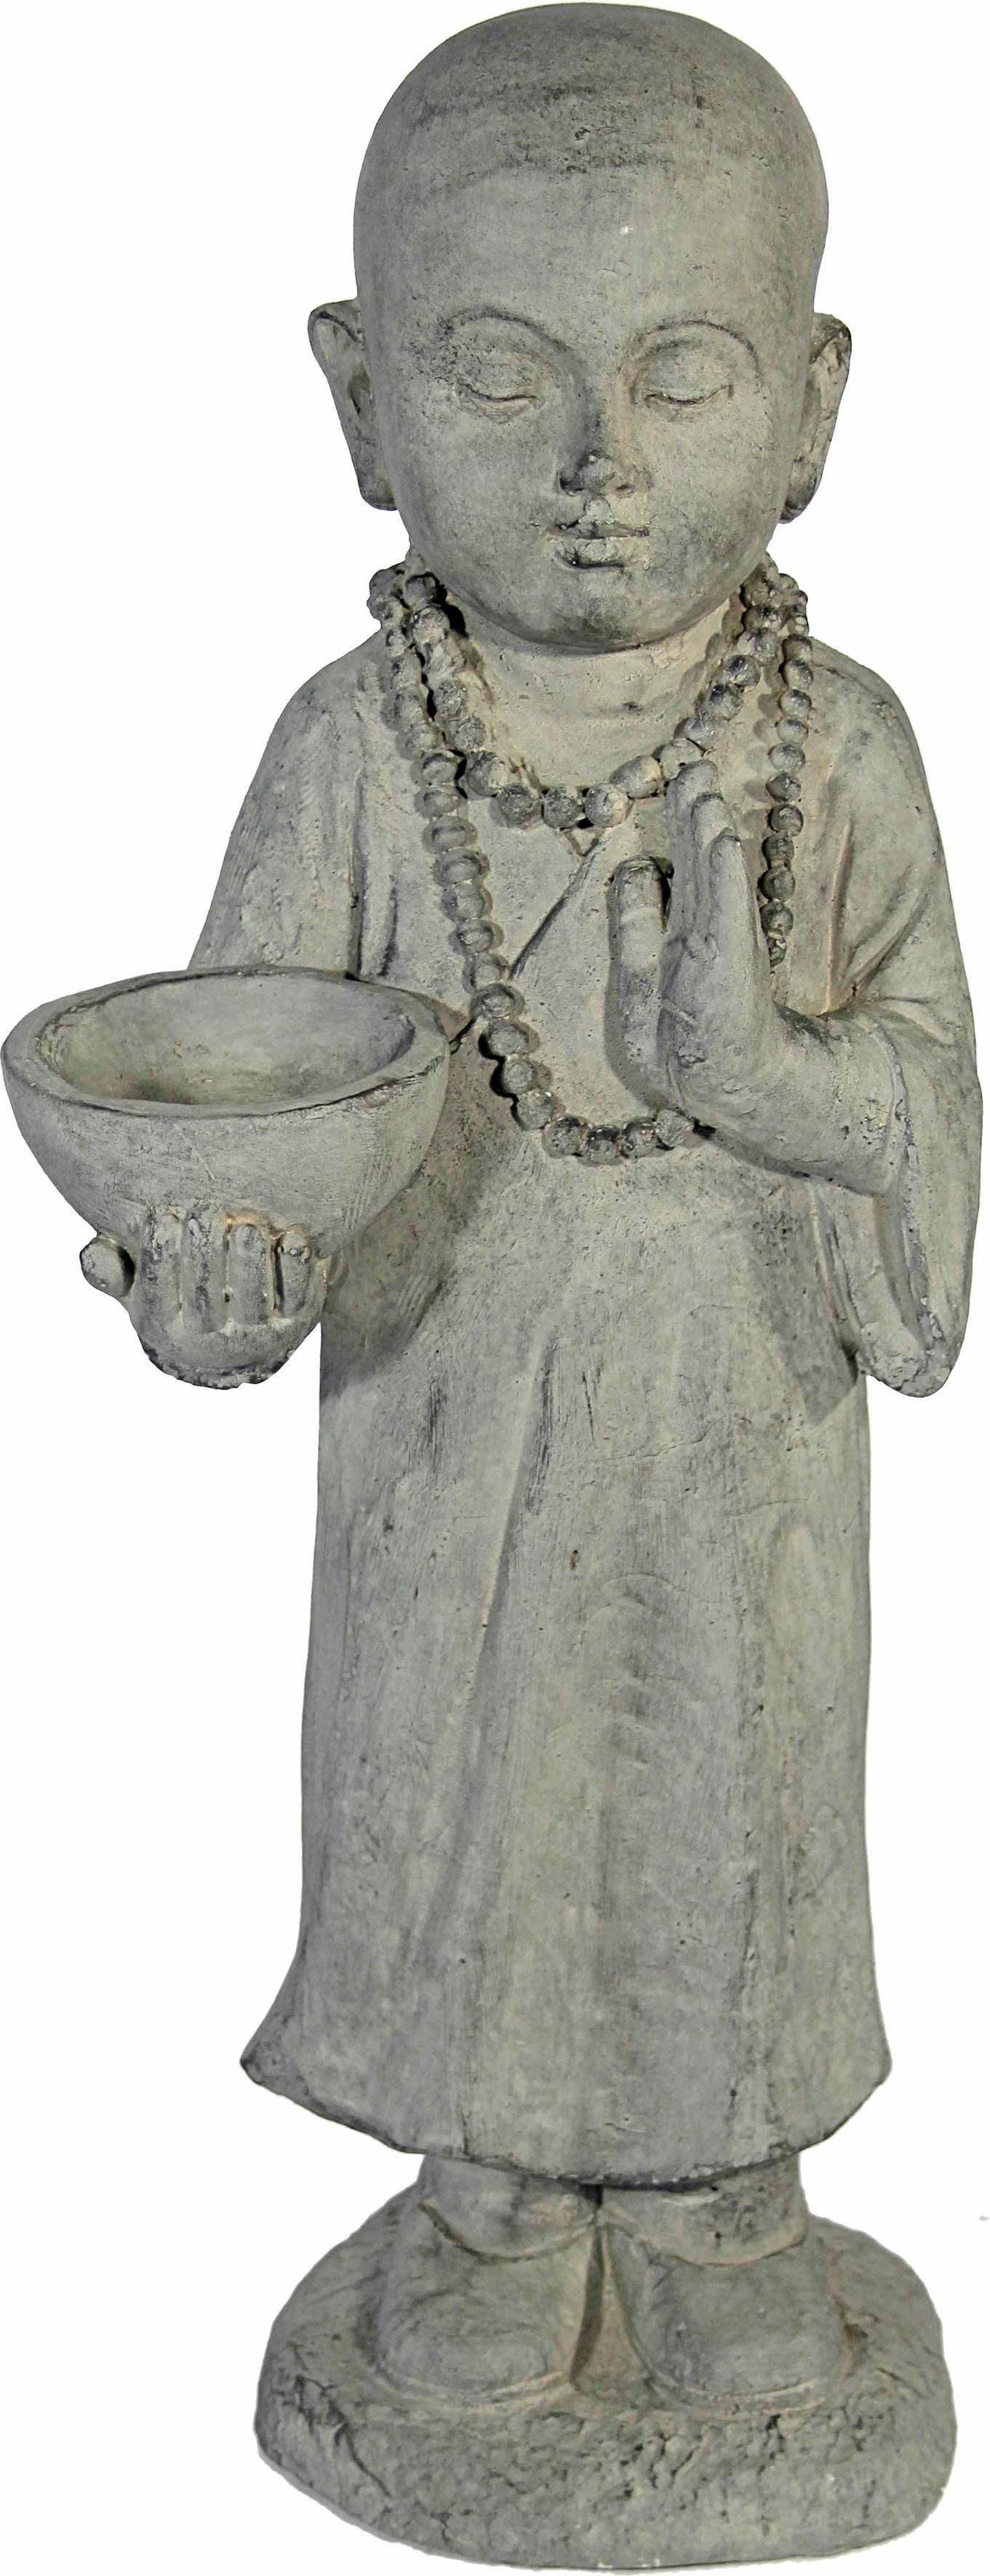 Home affaire Dekofigur »Mönch stehend mit Schale in der rechten Hand, steinoptik, Höhe ca. 50cm«